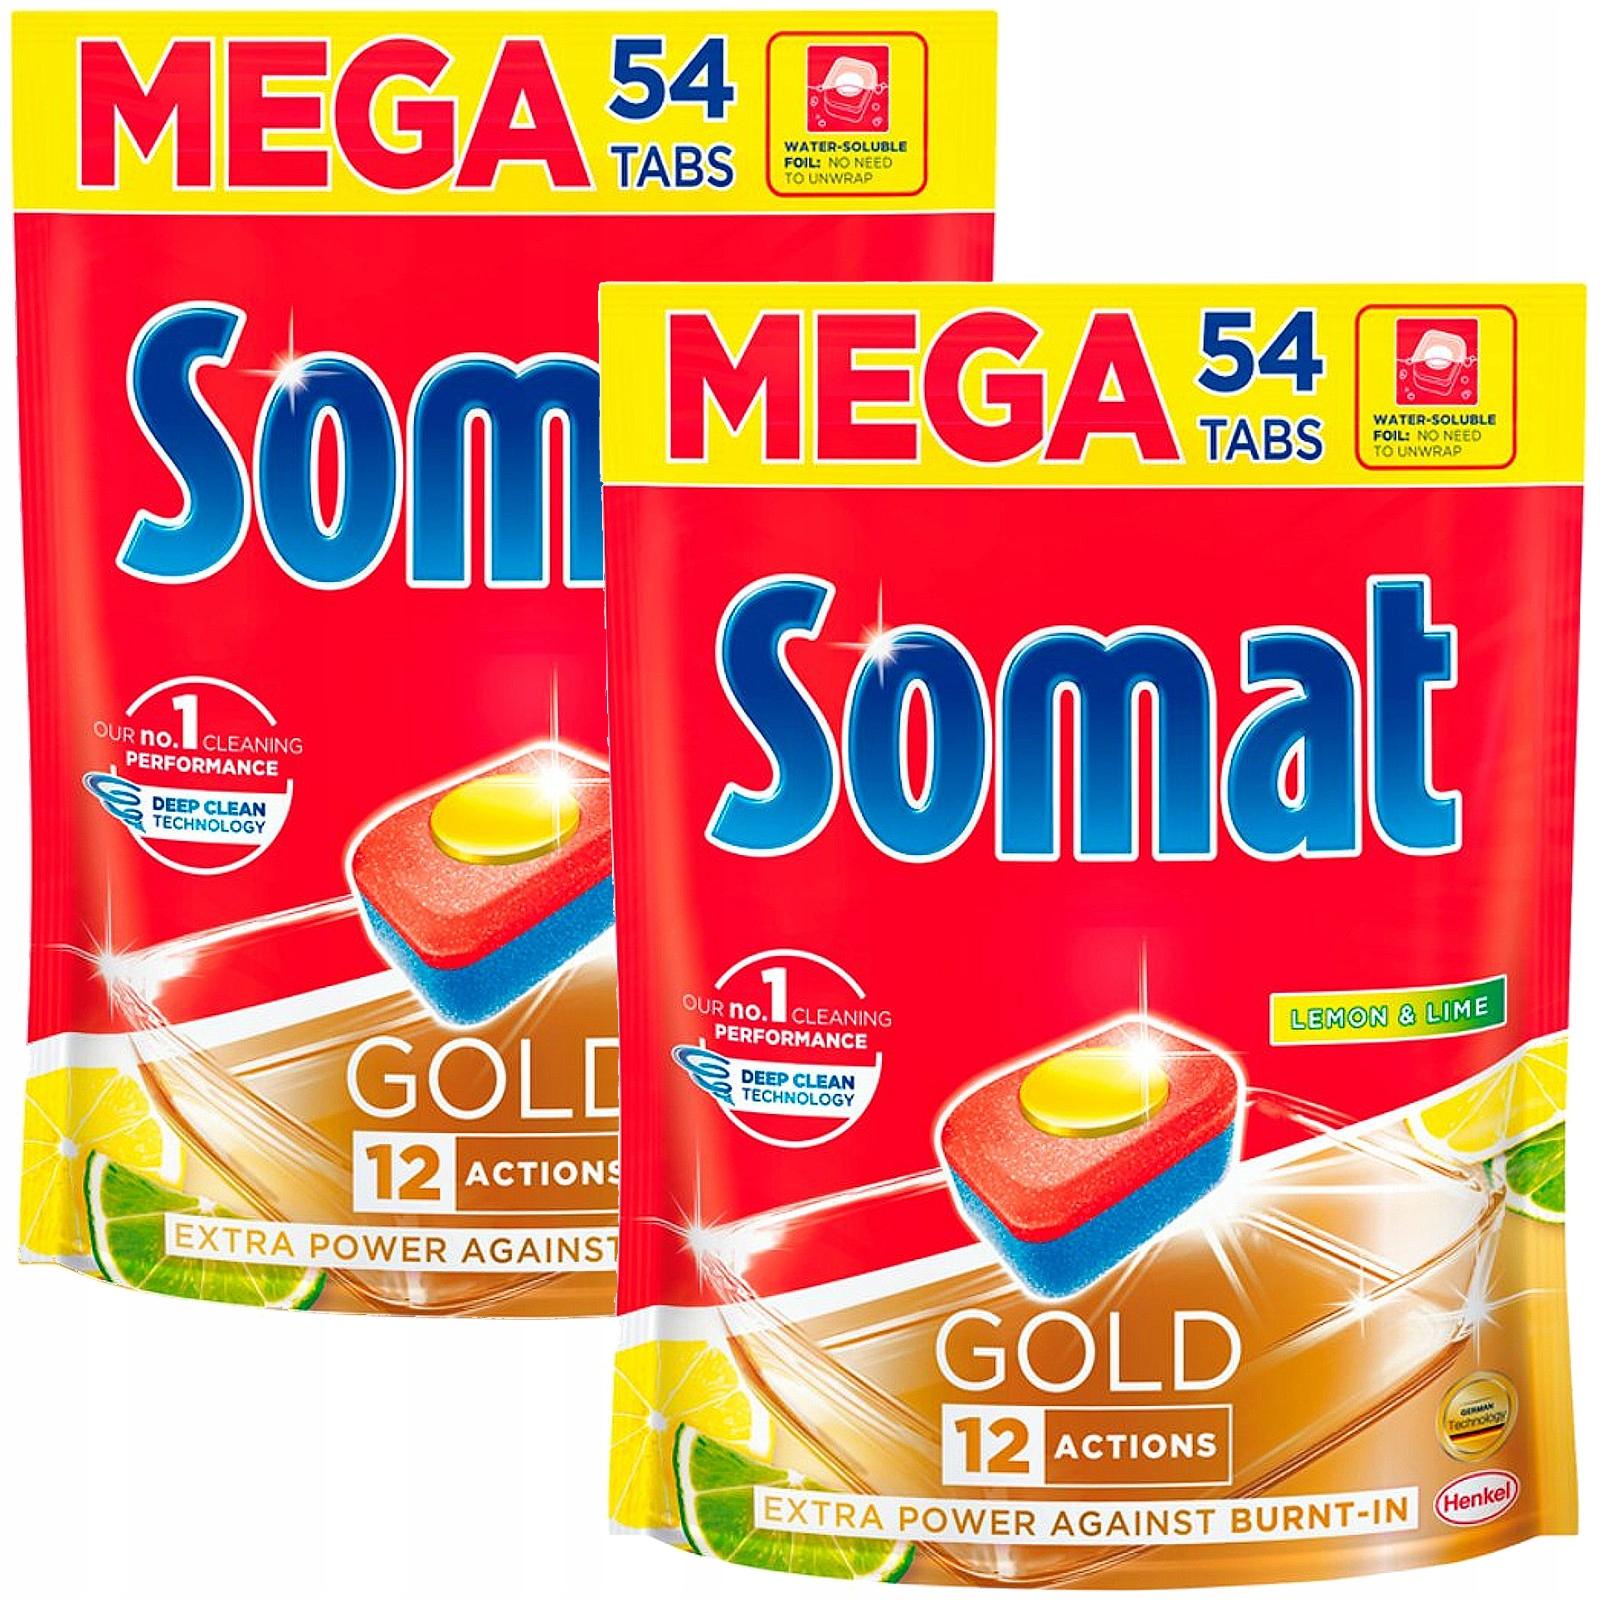 Somat Gold Lemon Lime Таблетки Mega 2 x 54 108szt